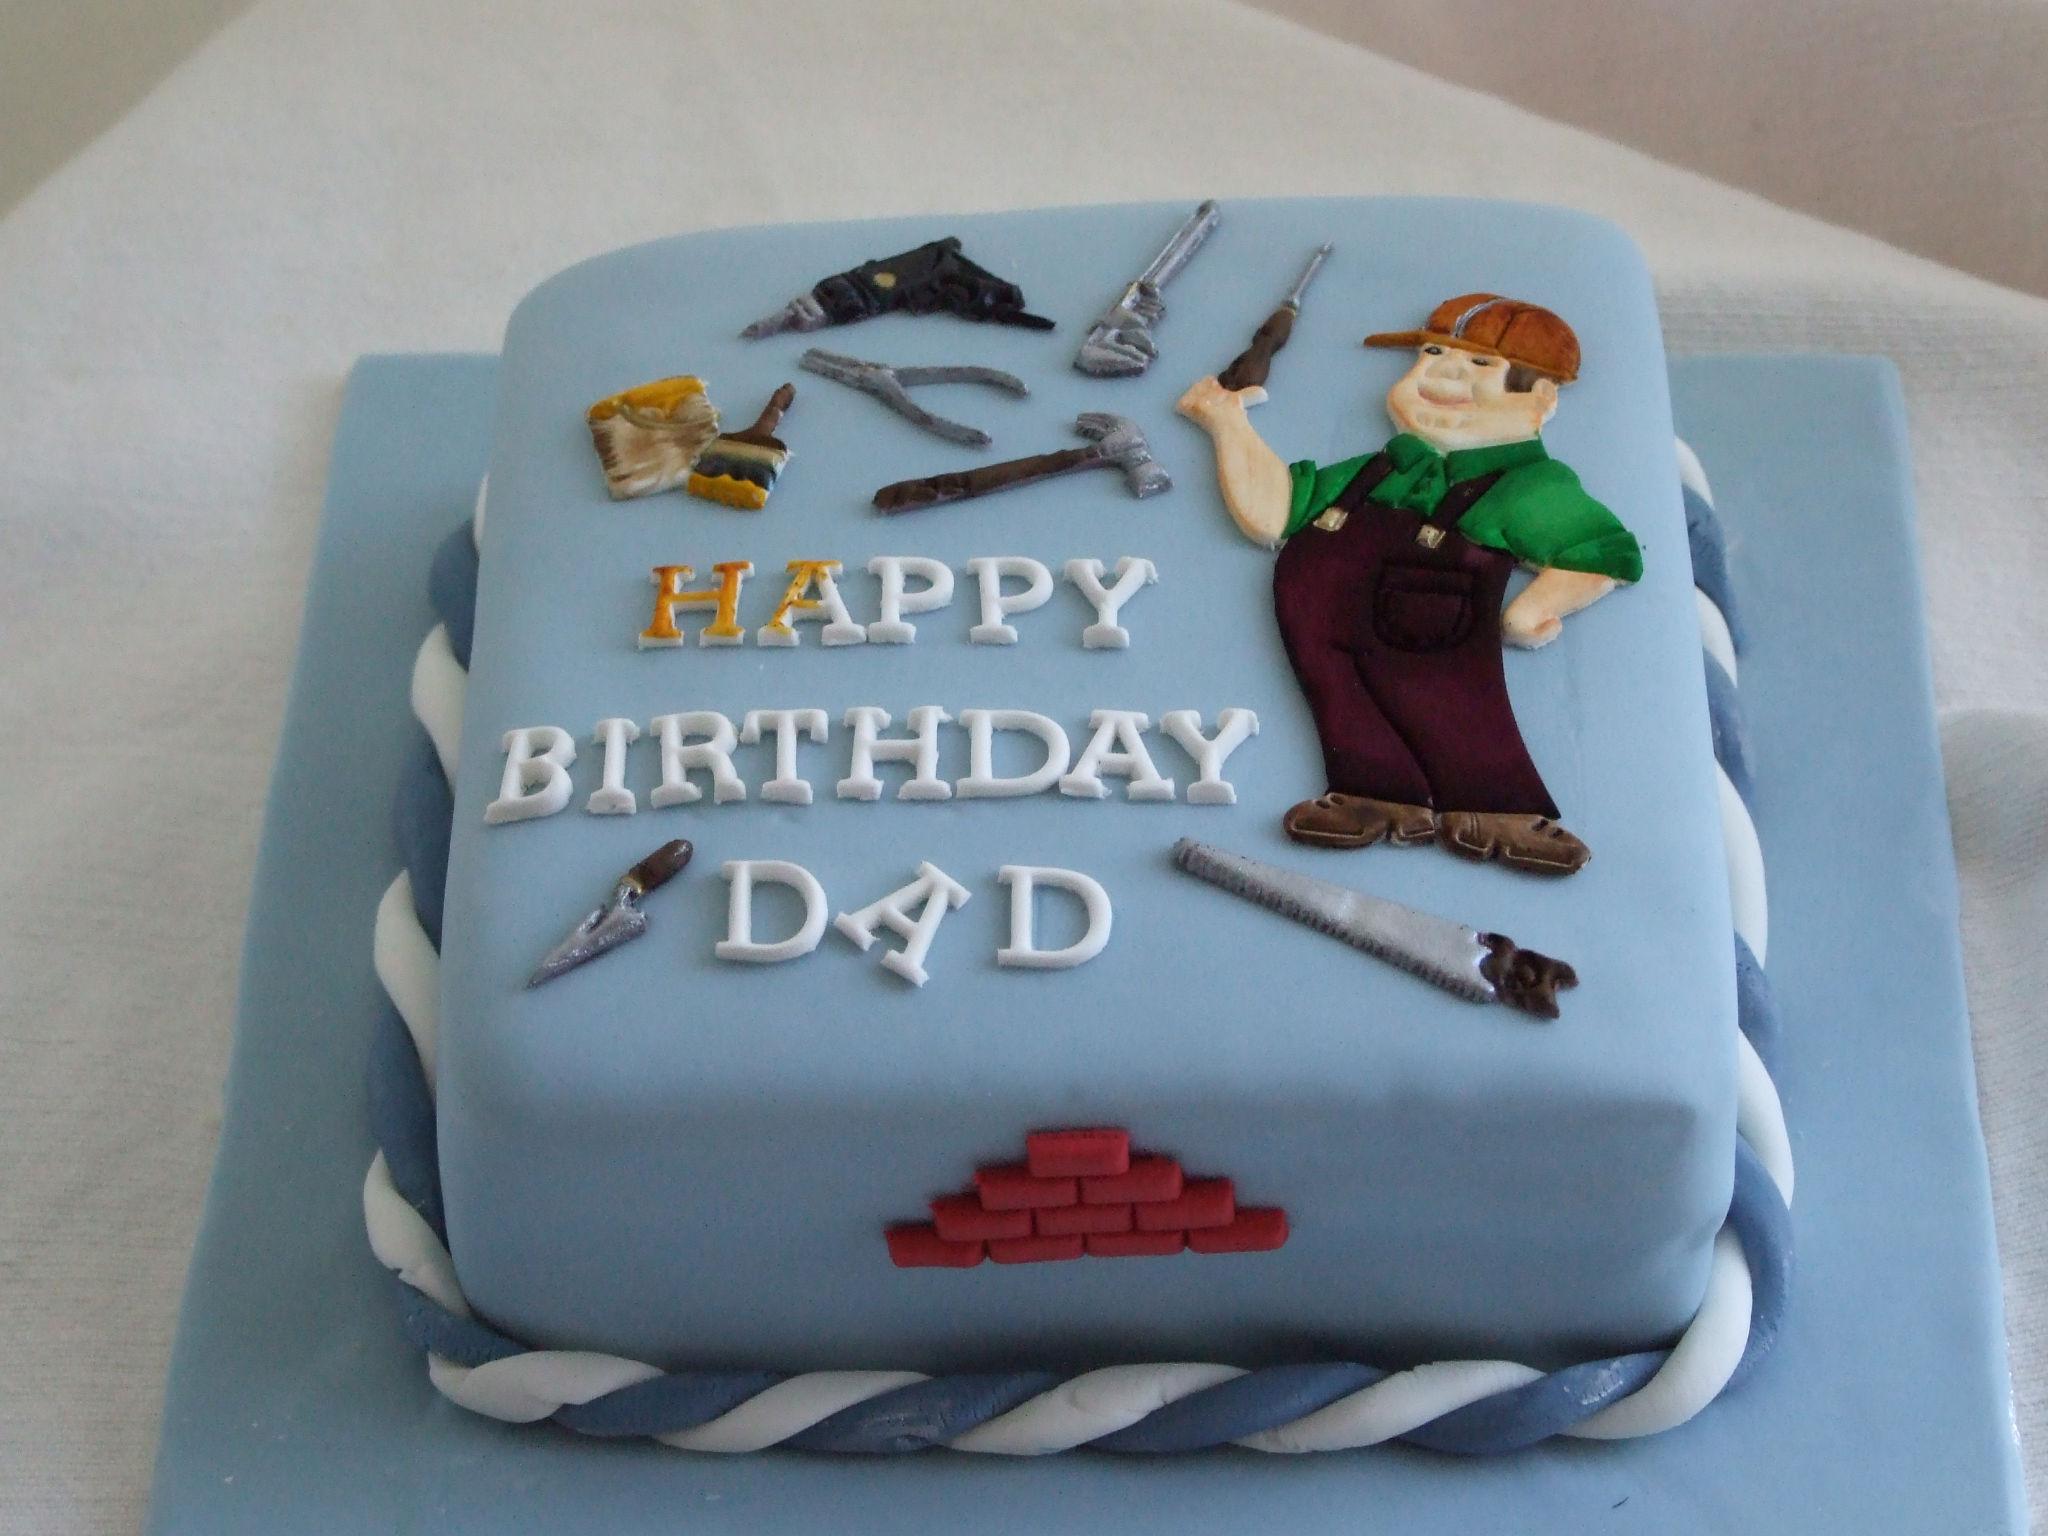 9 Birthday Cakes That Say Happy Birthday Dad Photo Happy Birthday